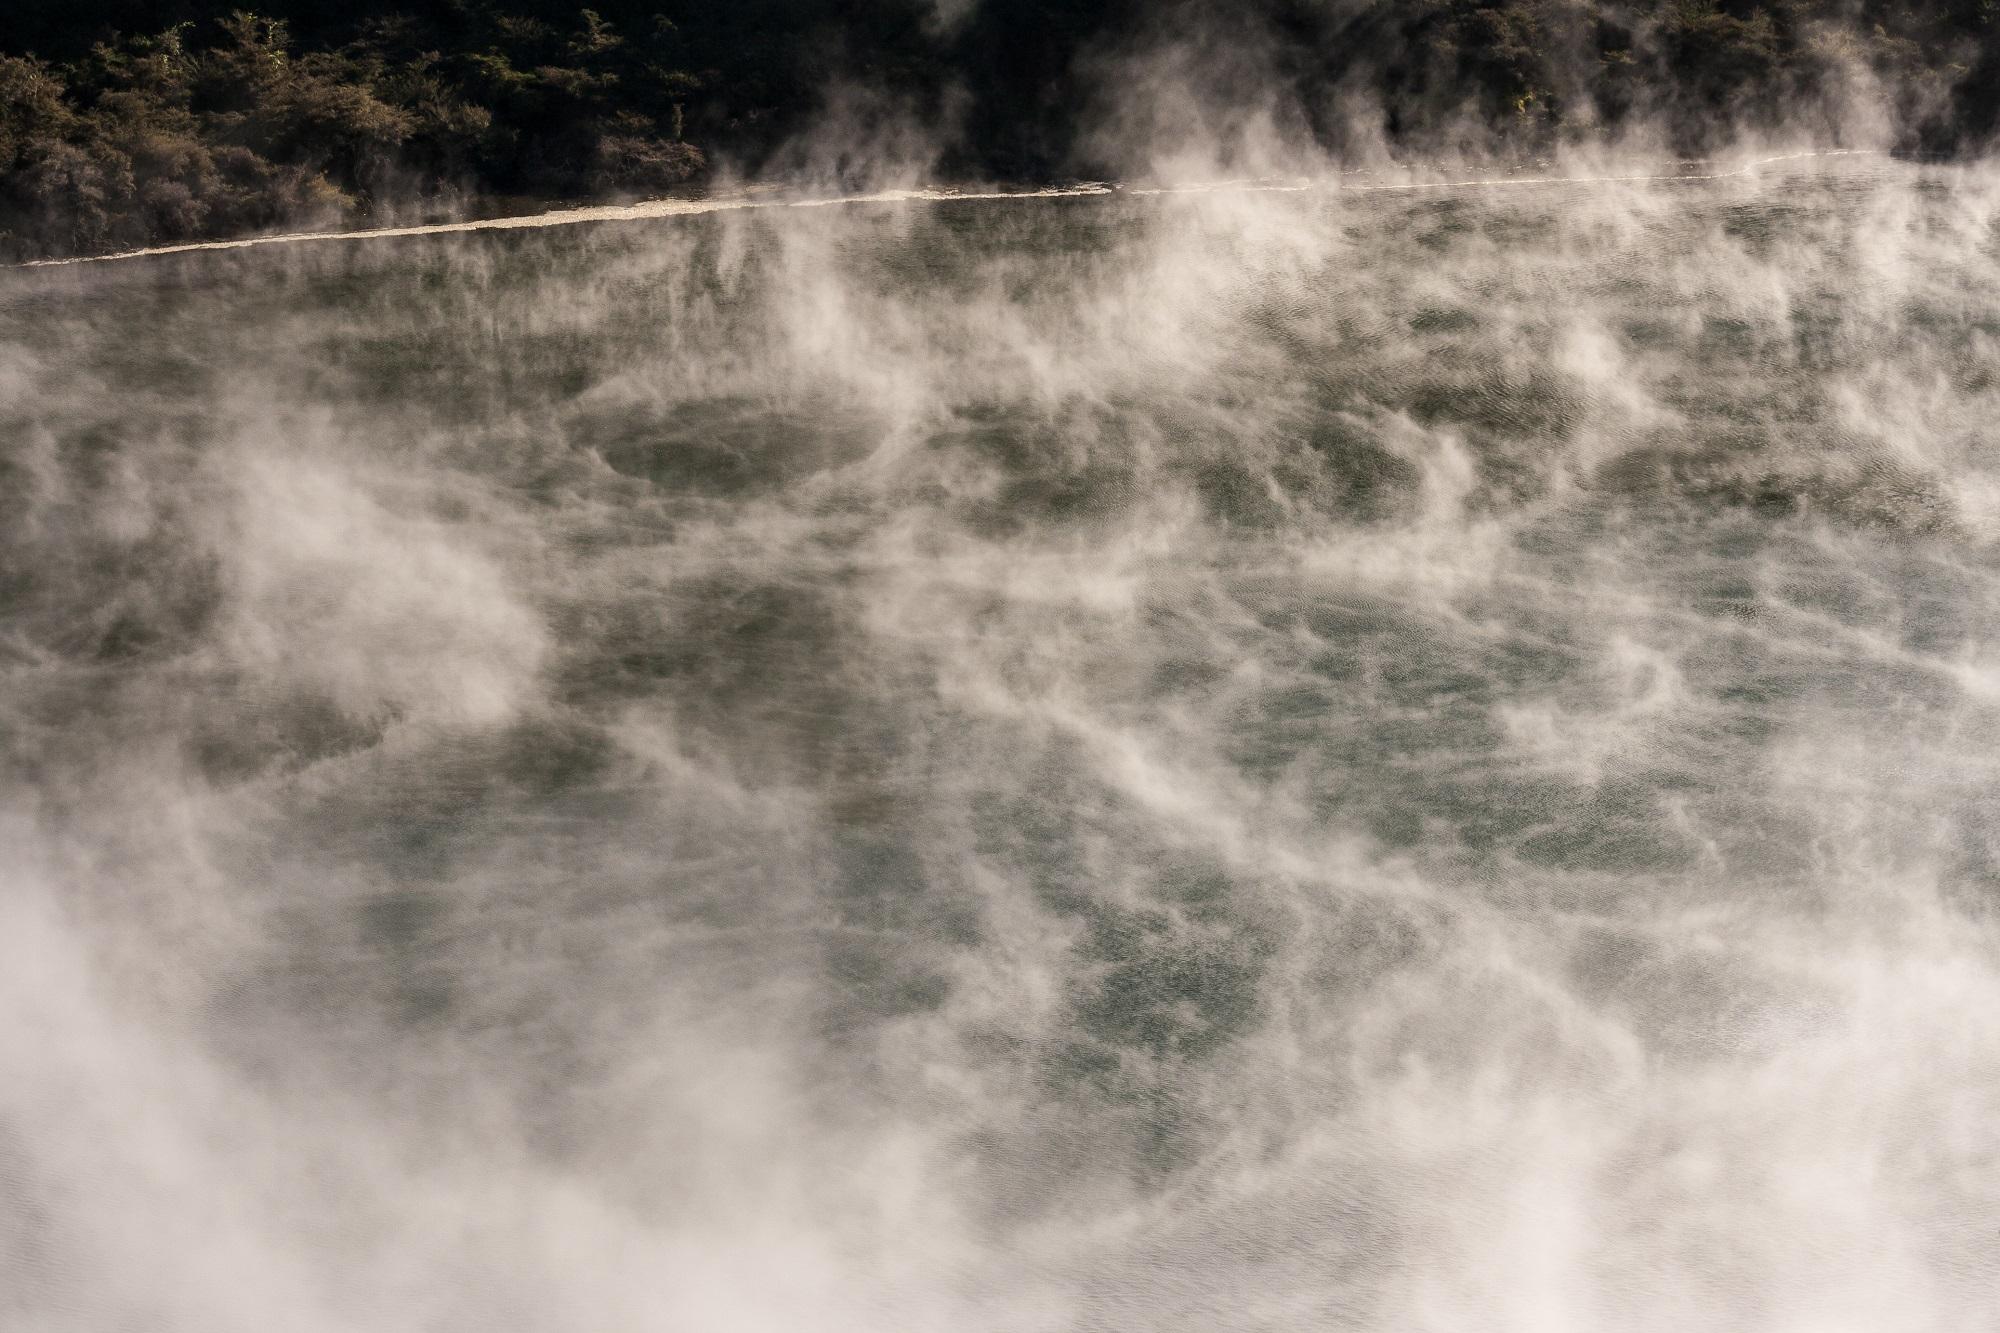 La evaporación, una posible energía renovable gracias a las bacterias